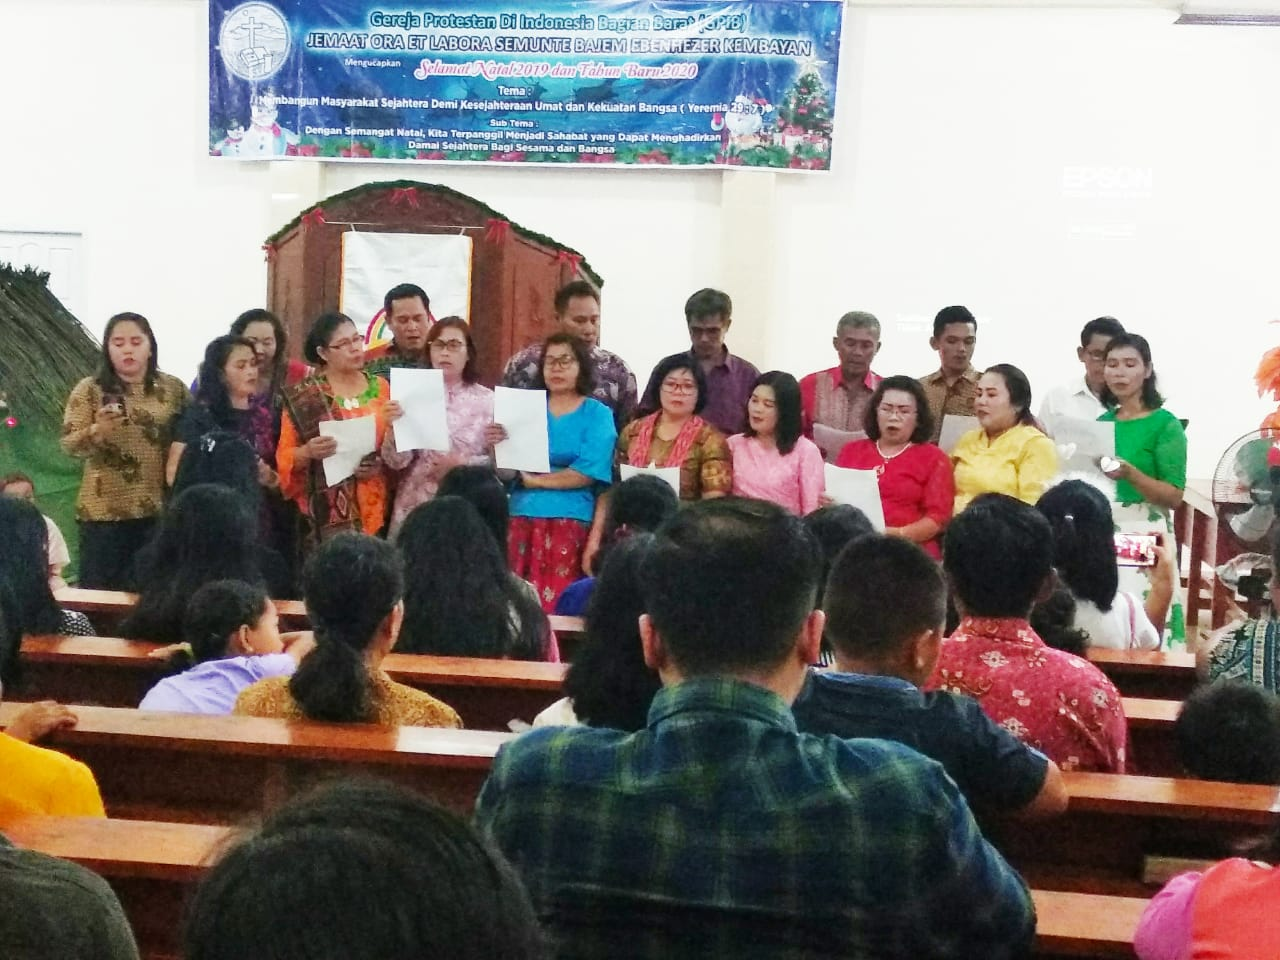 Begini Suasana Natal Bersama Gereja GPIB Bajem Eben Haezer di Kembayan